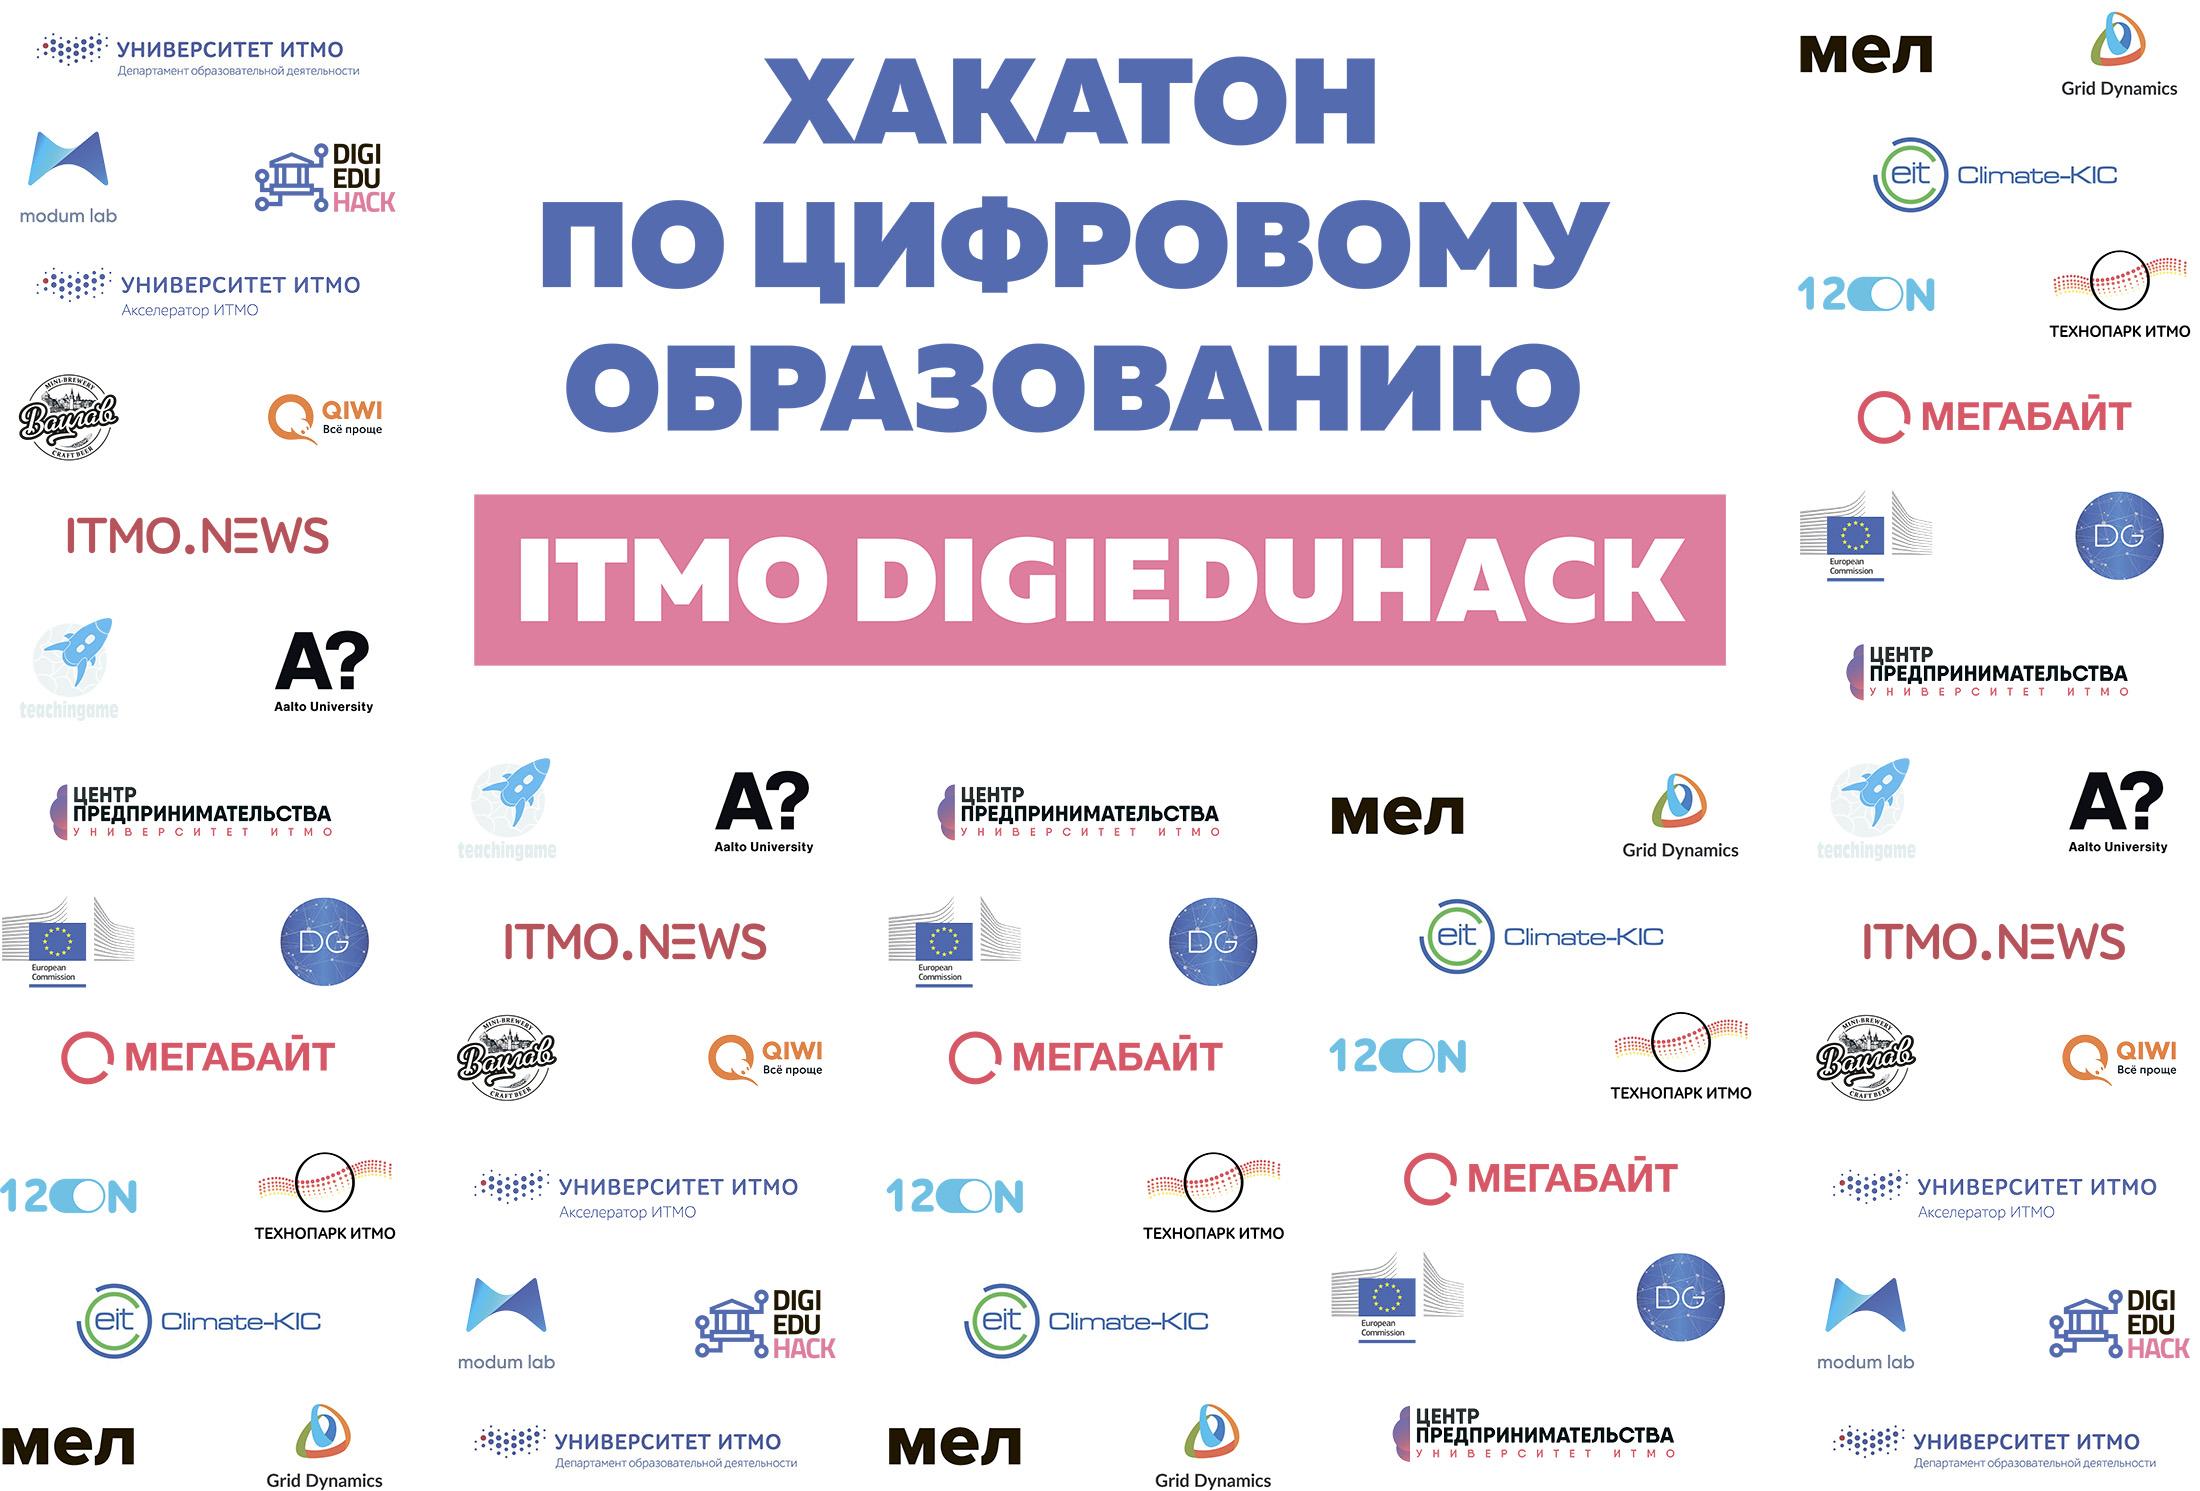 """Сеть ресторанов """"Вацлав"""" поздравилаУниверситетИТМО со 120-летием"""